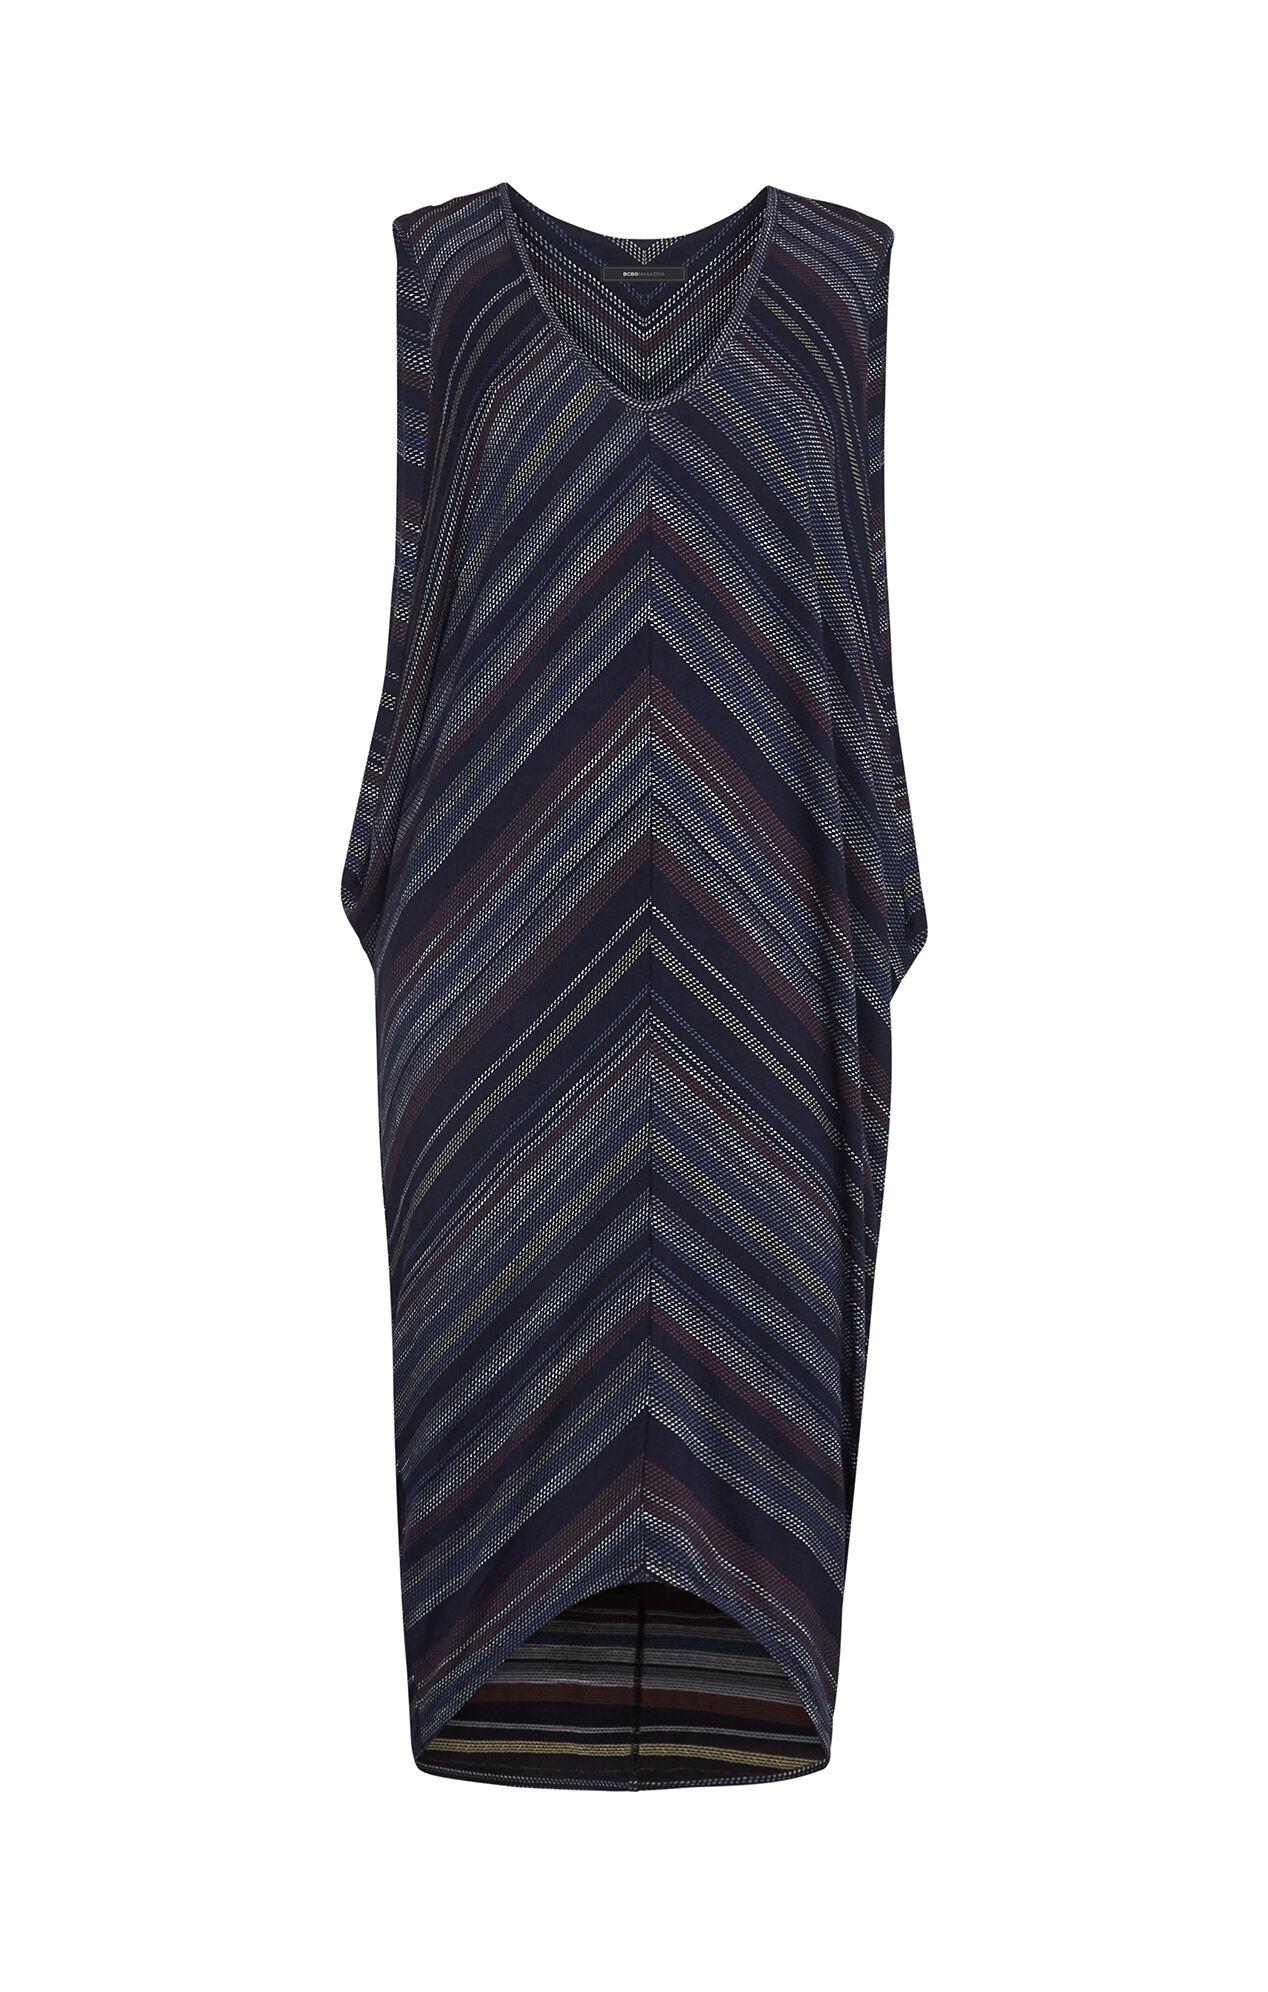 Kerstin Jacquard Tunic Dress